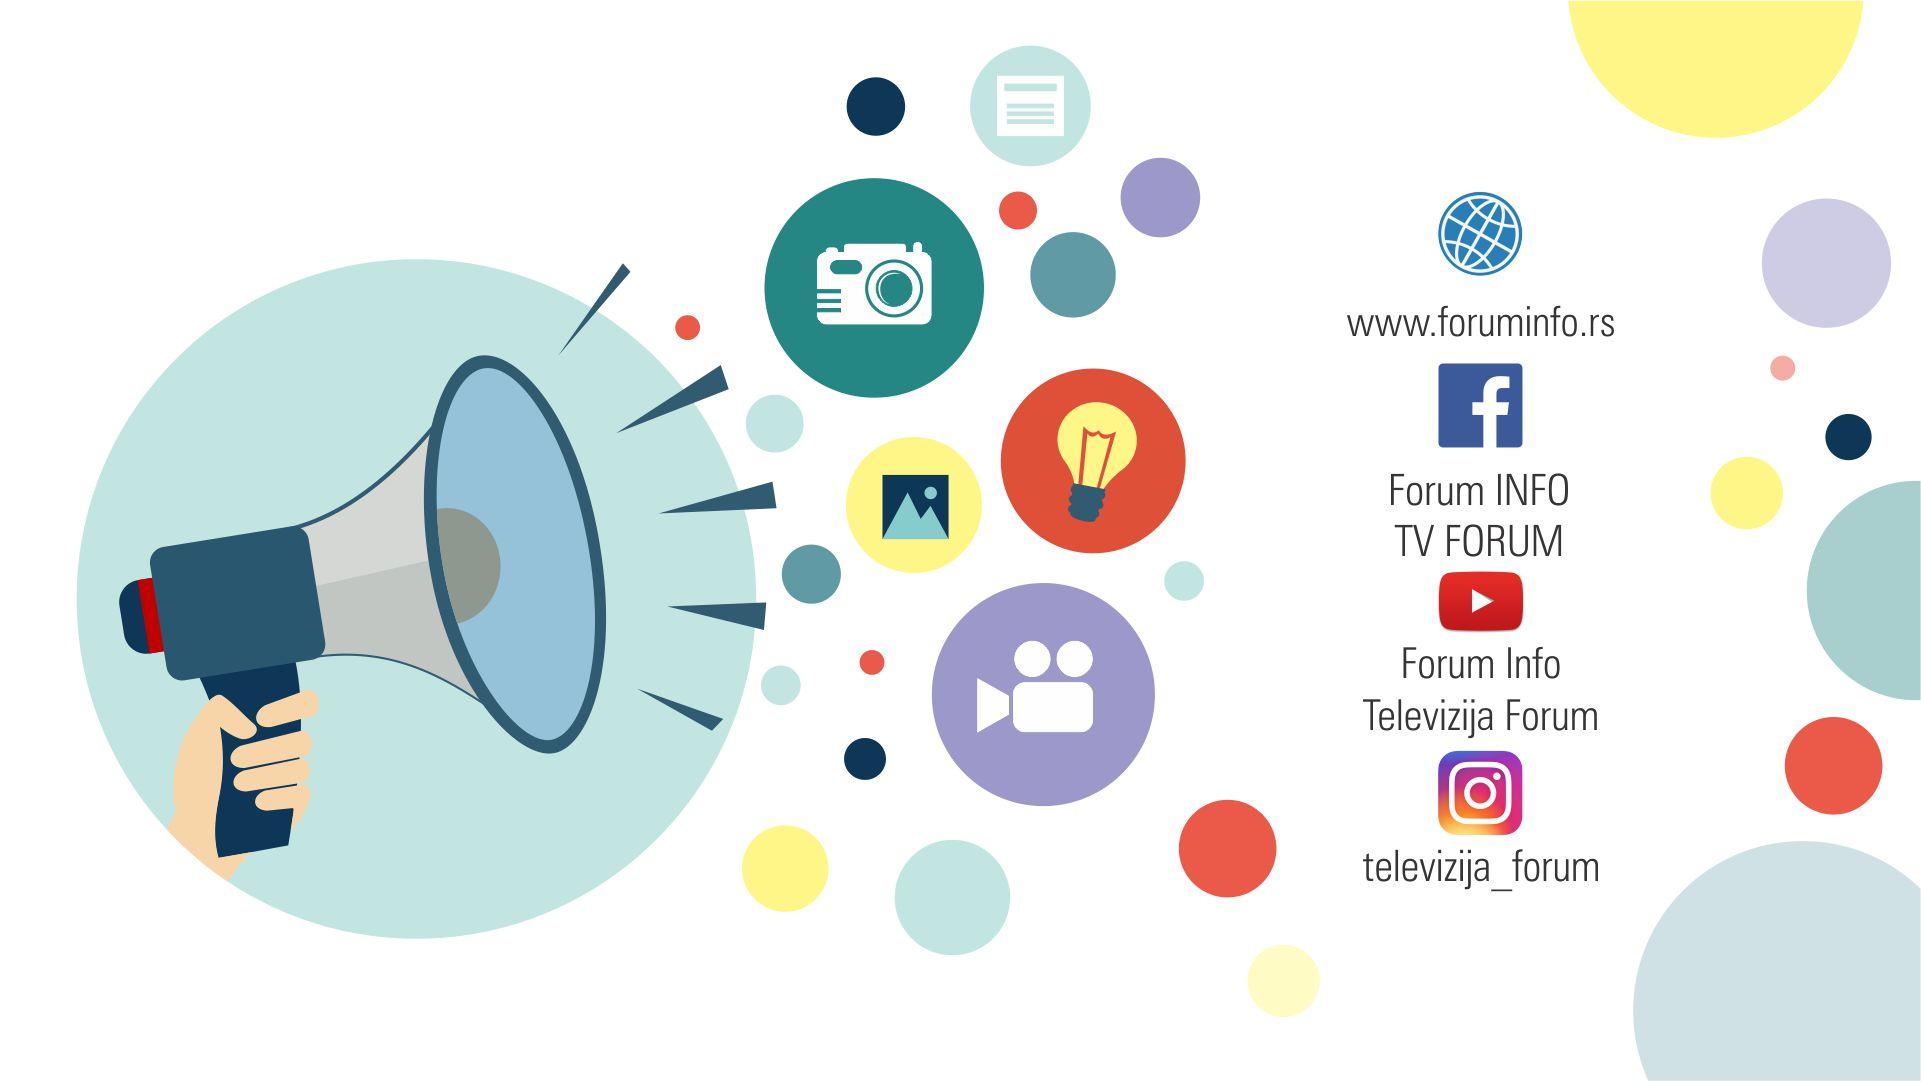 Информишимо заједно – учествујте у раду Форума